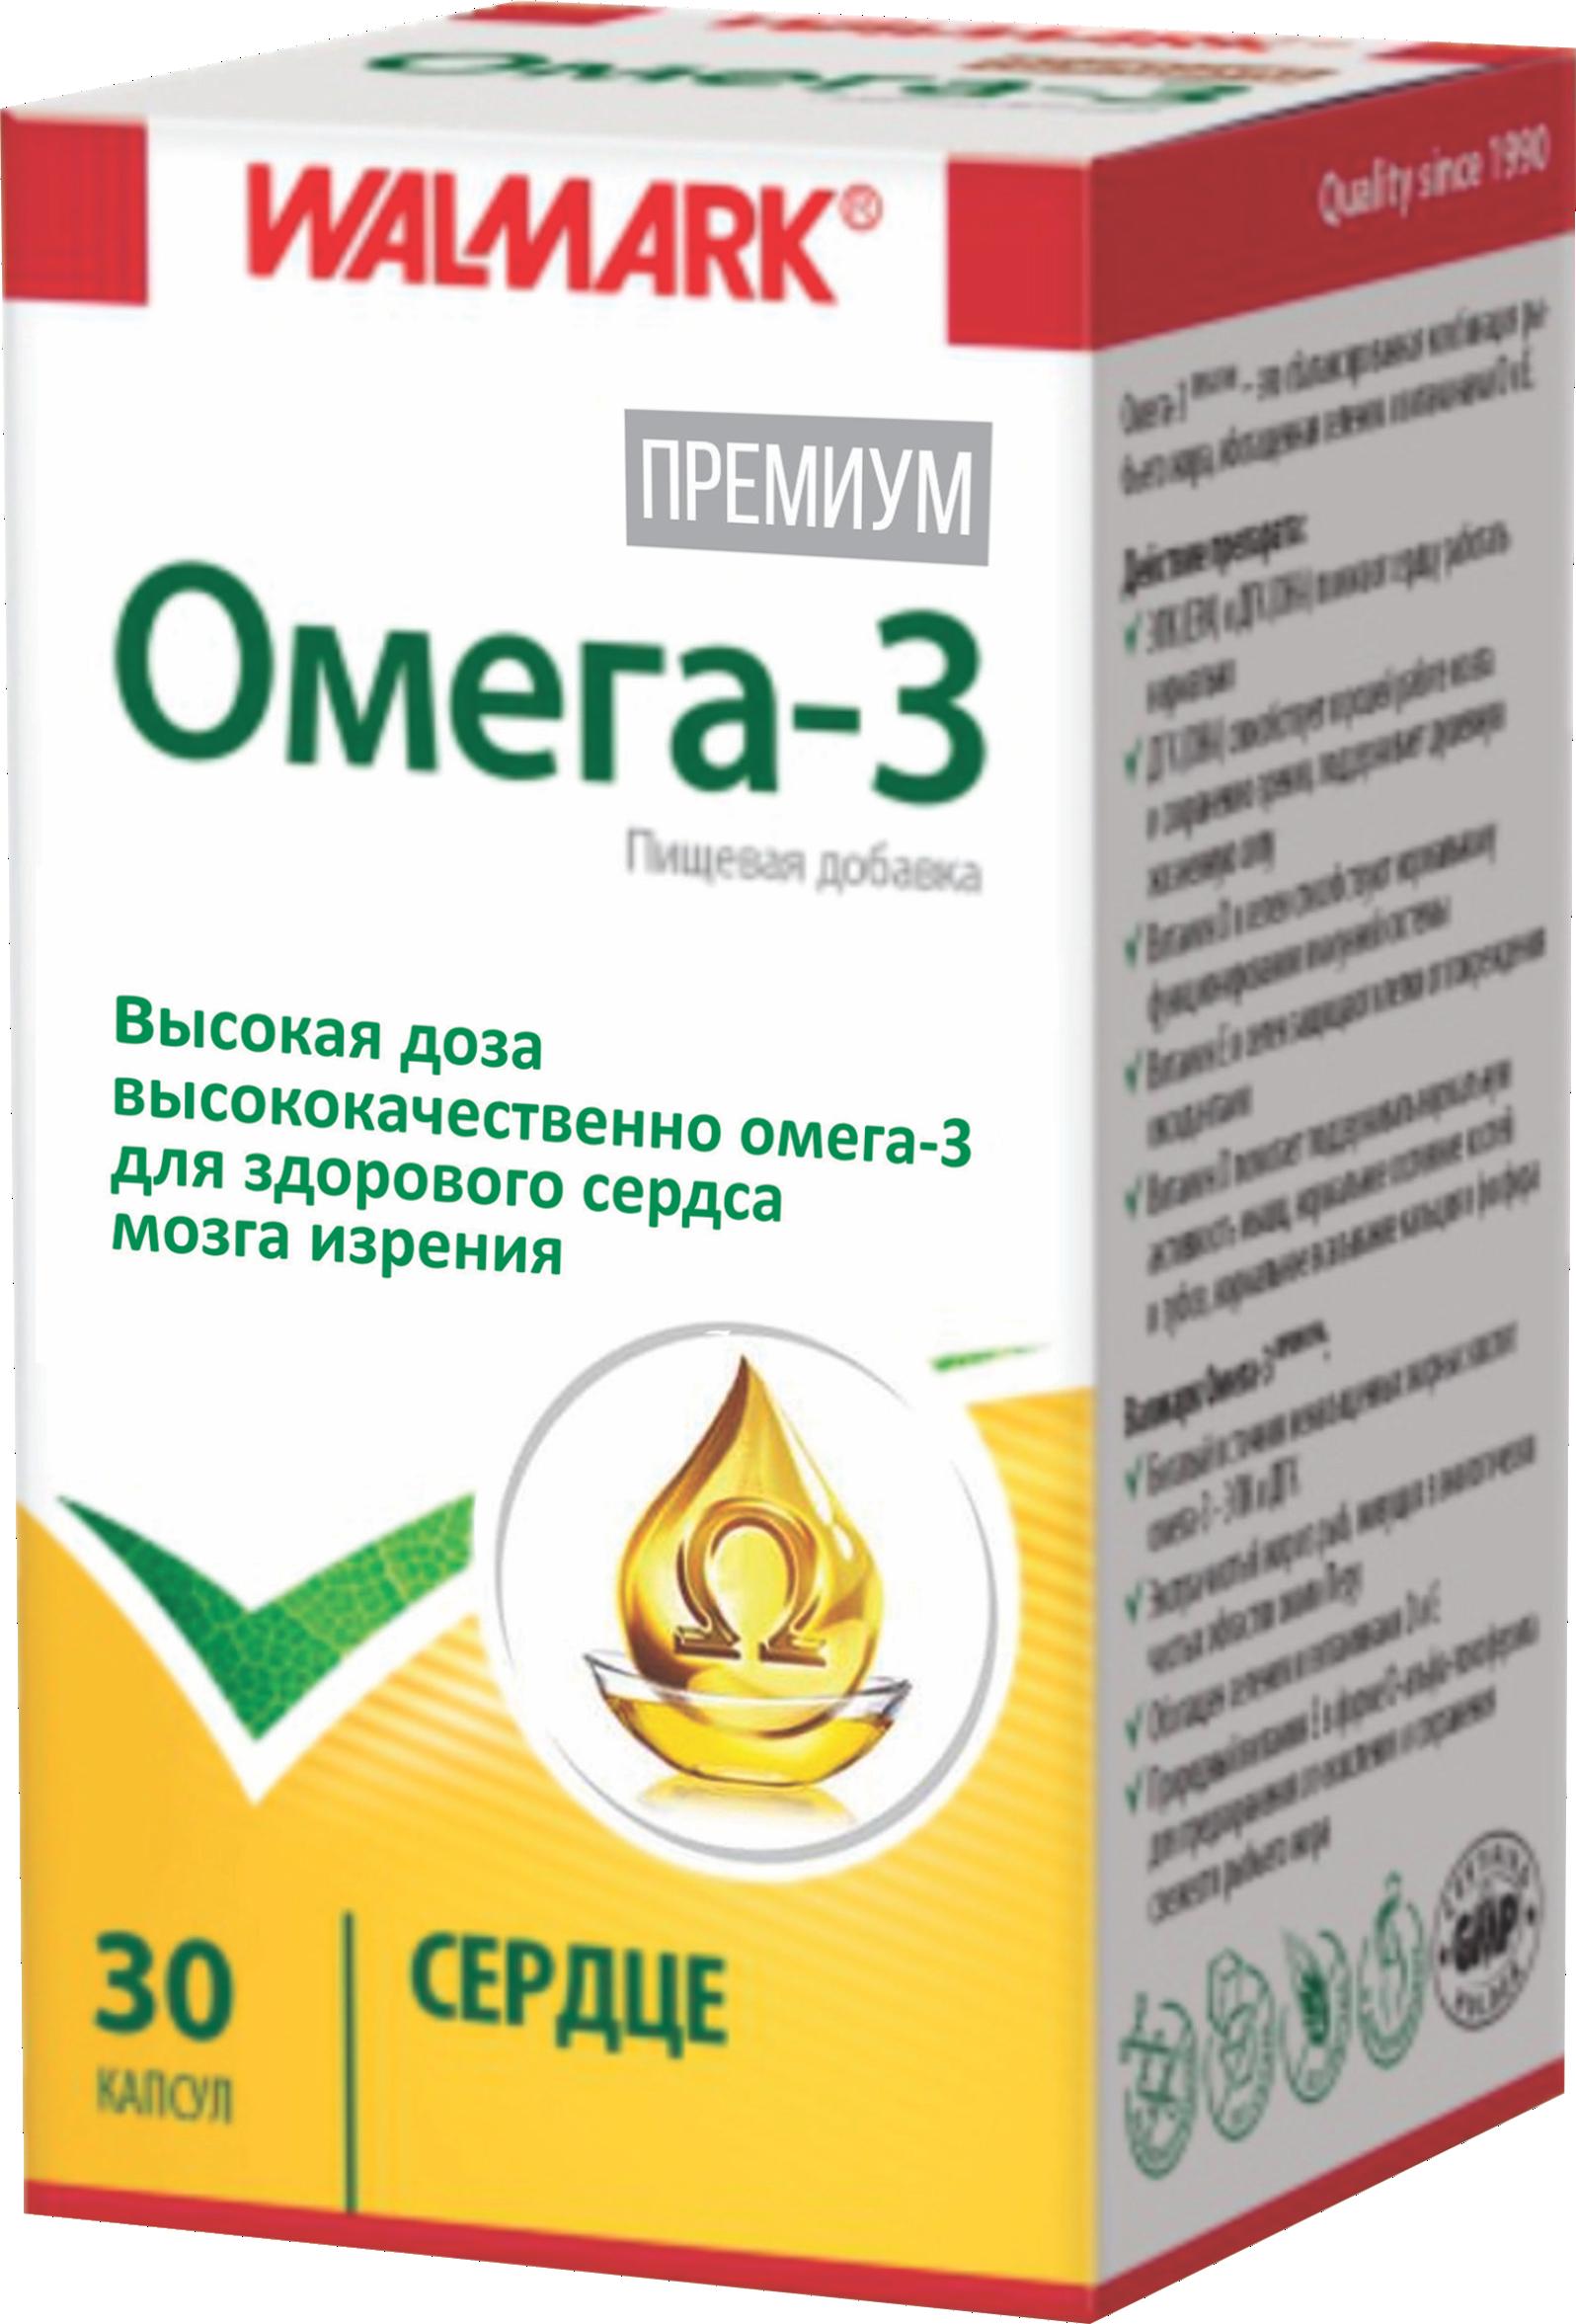 ომეგა-3 პრემიუმი / Omega 3 Premium